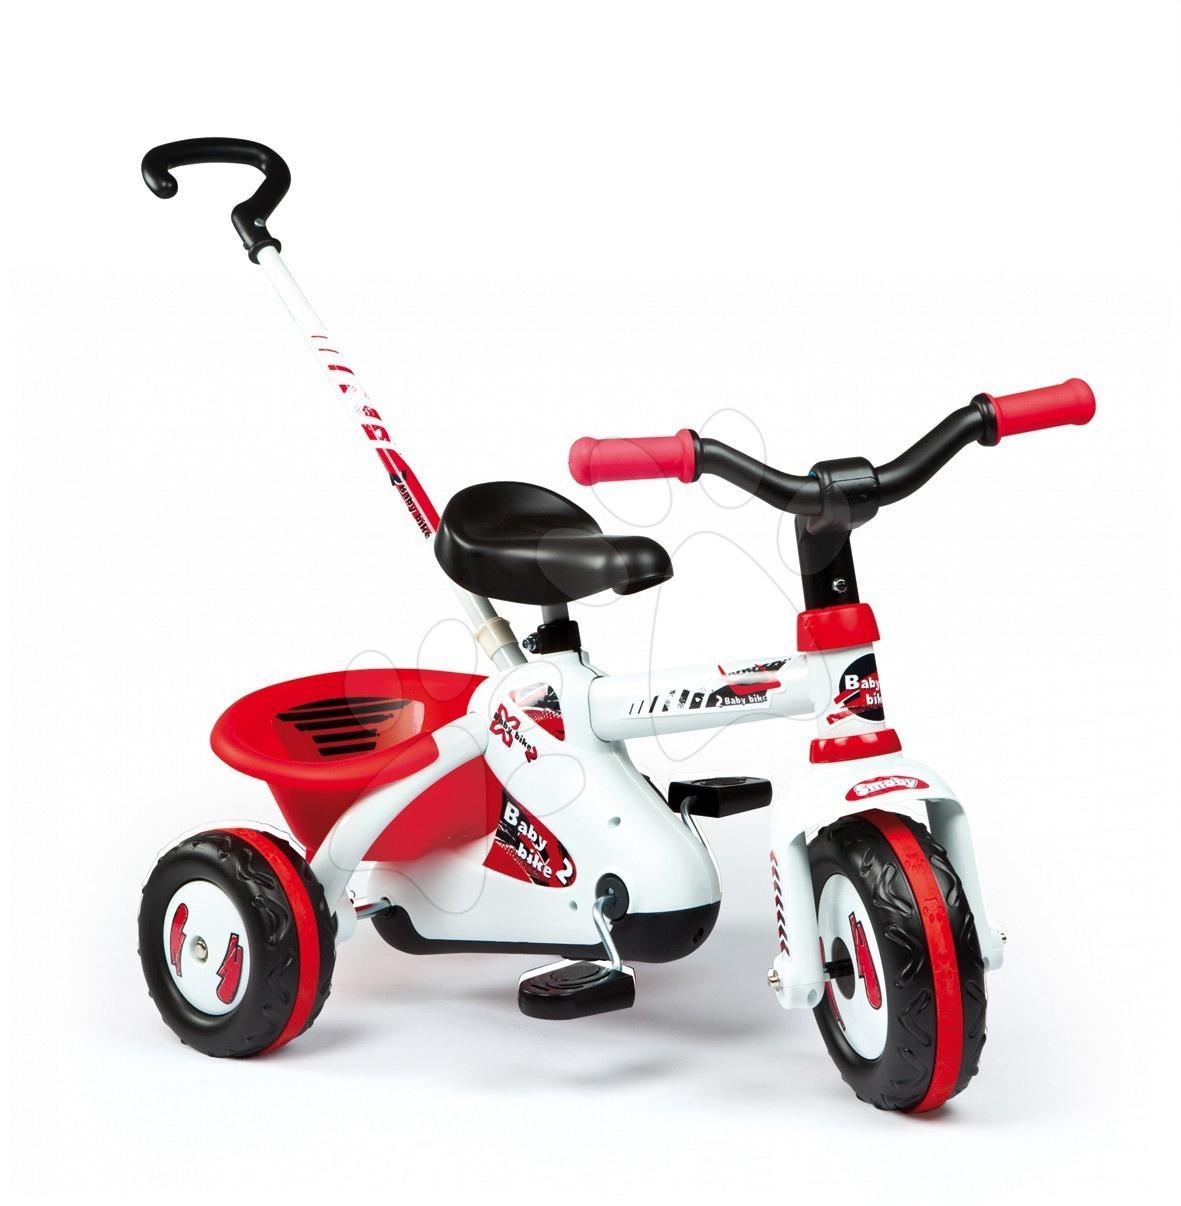 Tříkolka Sport Line Trike  Smoby červená s řetězovým pohonem a tyčí od 15 měsíců